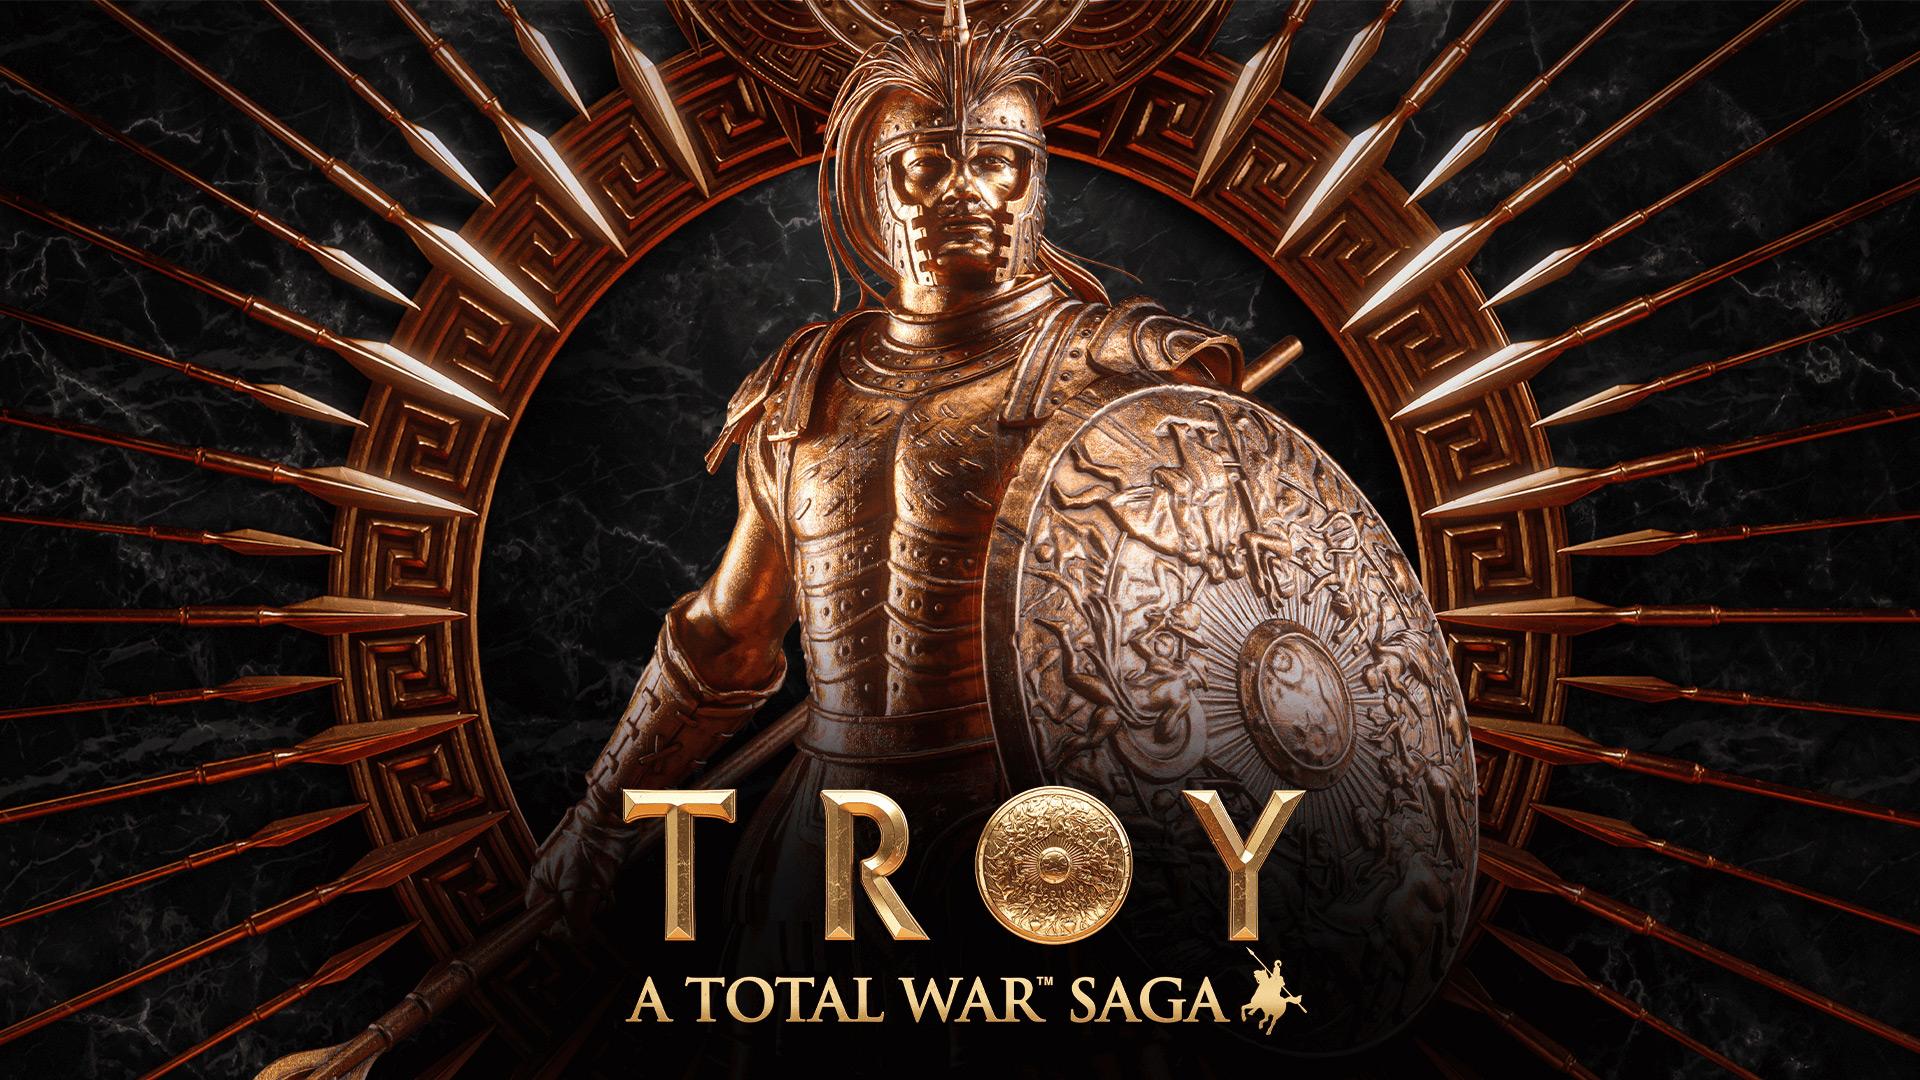 Total War Saga: TROY doan egongo da eskuragarri Epic Games Store dendan kaleratu zen egunean